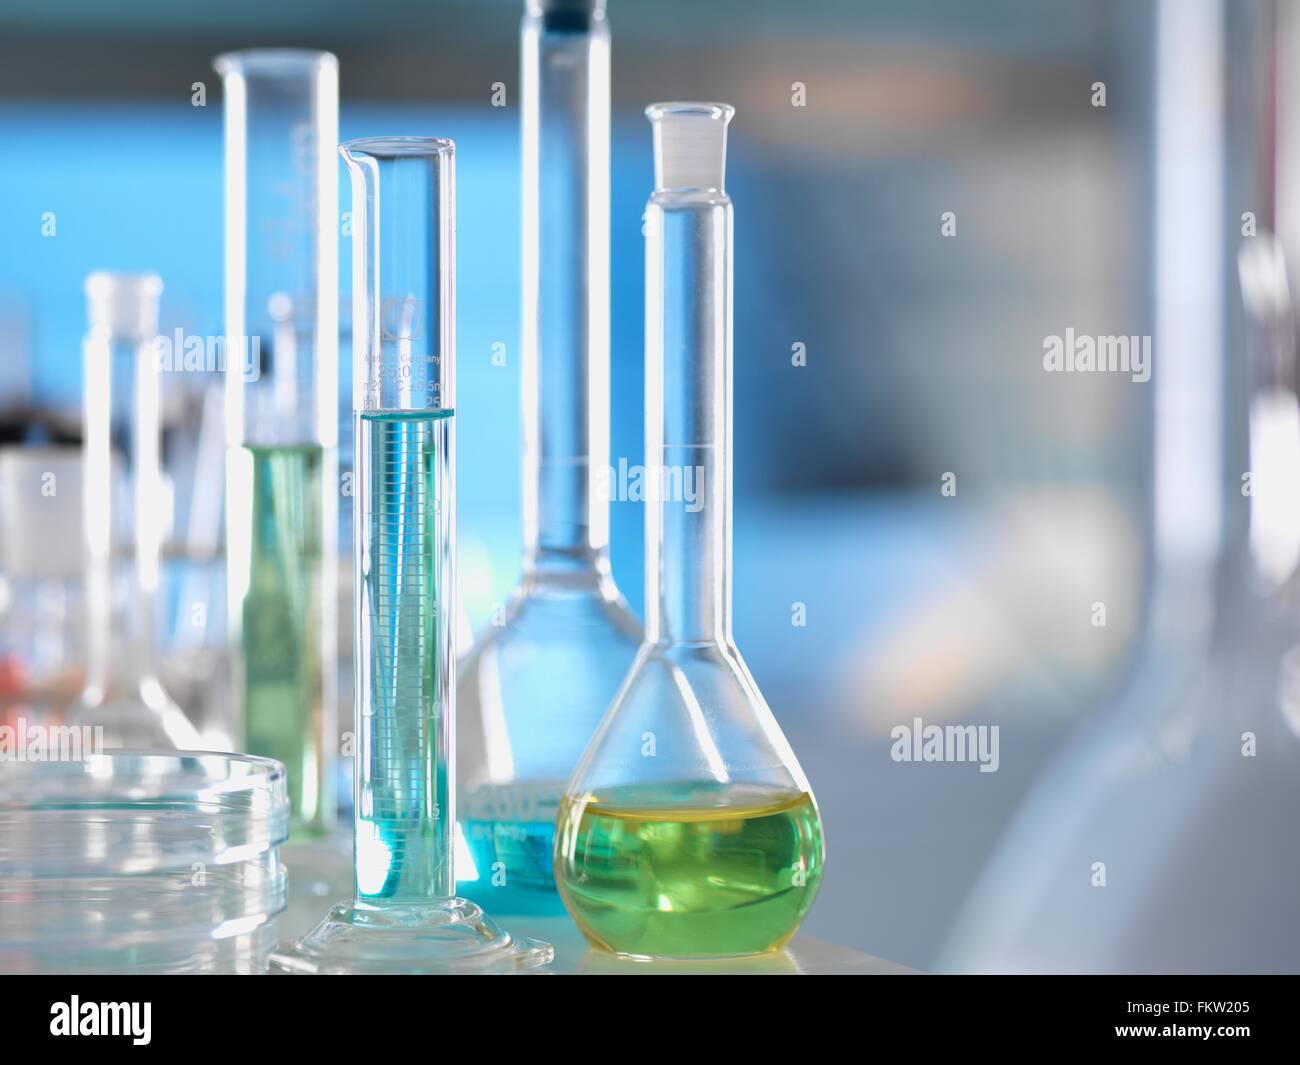 El material de vidrio de laboratorio en laboratorio durante el experimento Imagen De Stock